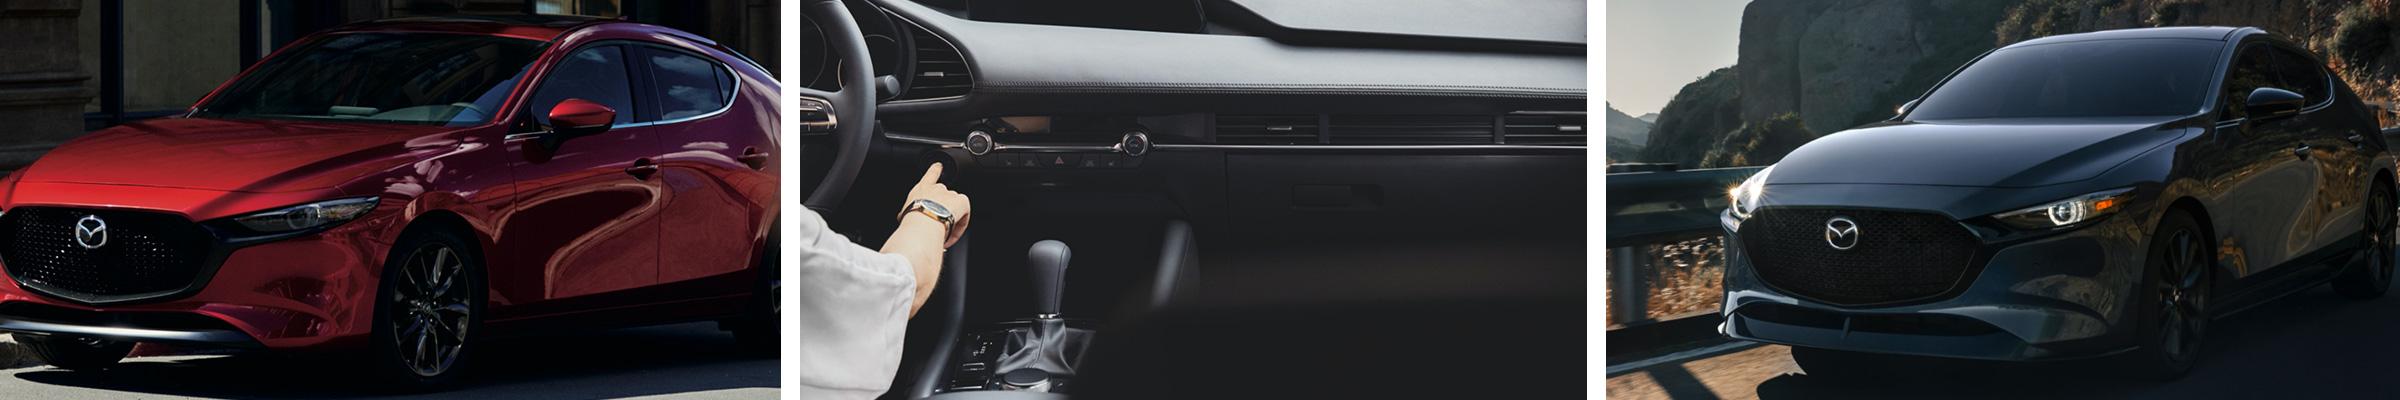 2021 Mazda 3 Hatchback For Sale Denver CO   Aurora